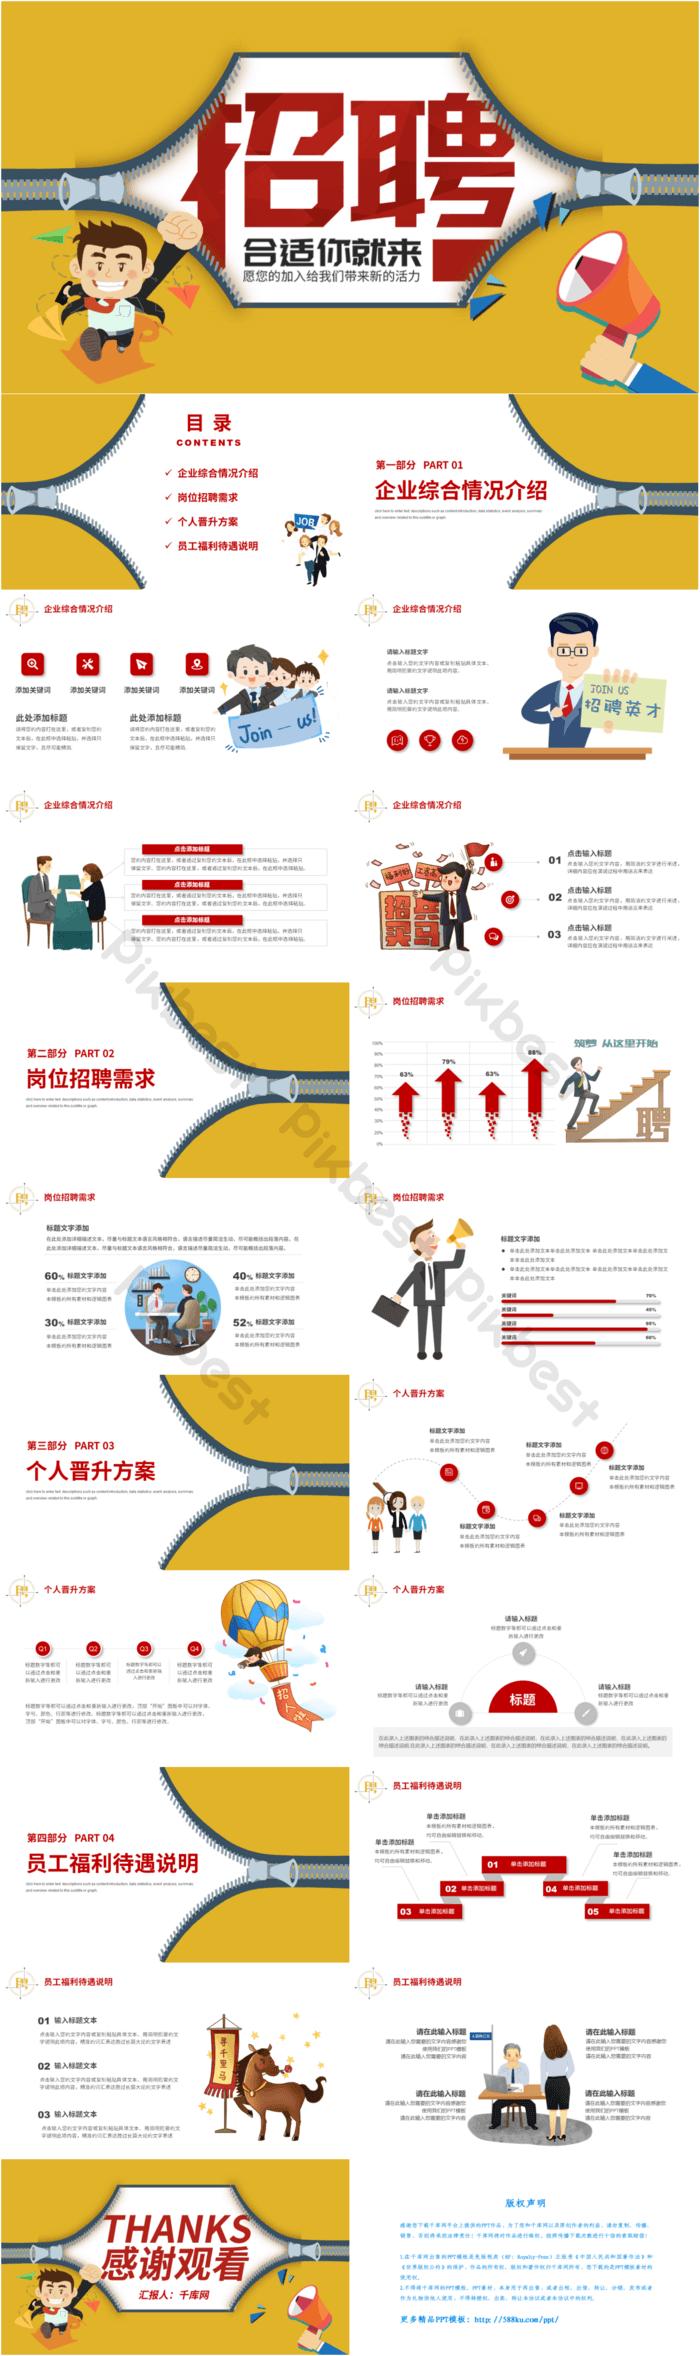 mẫu kế hoạch quảng bá tuyển dụng doanh nghiệp theo phong cách hoạt hình